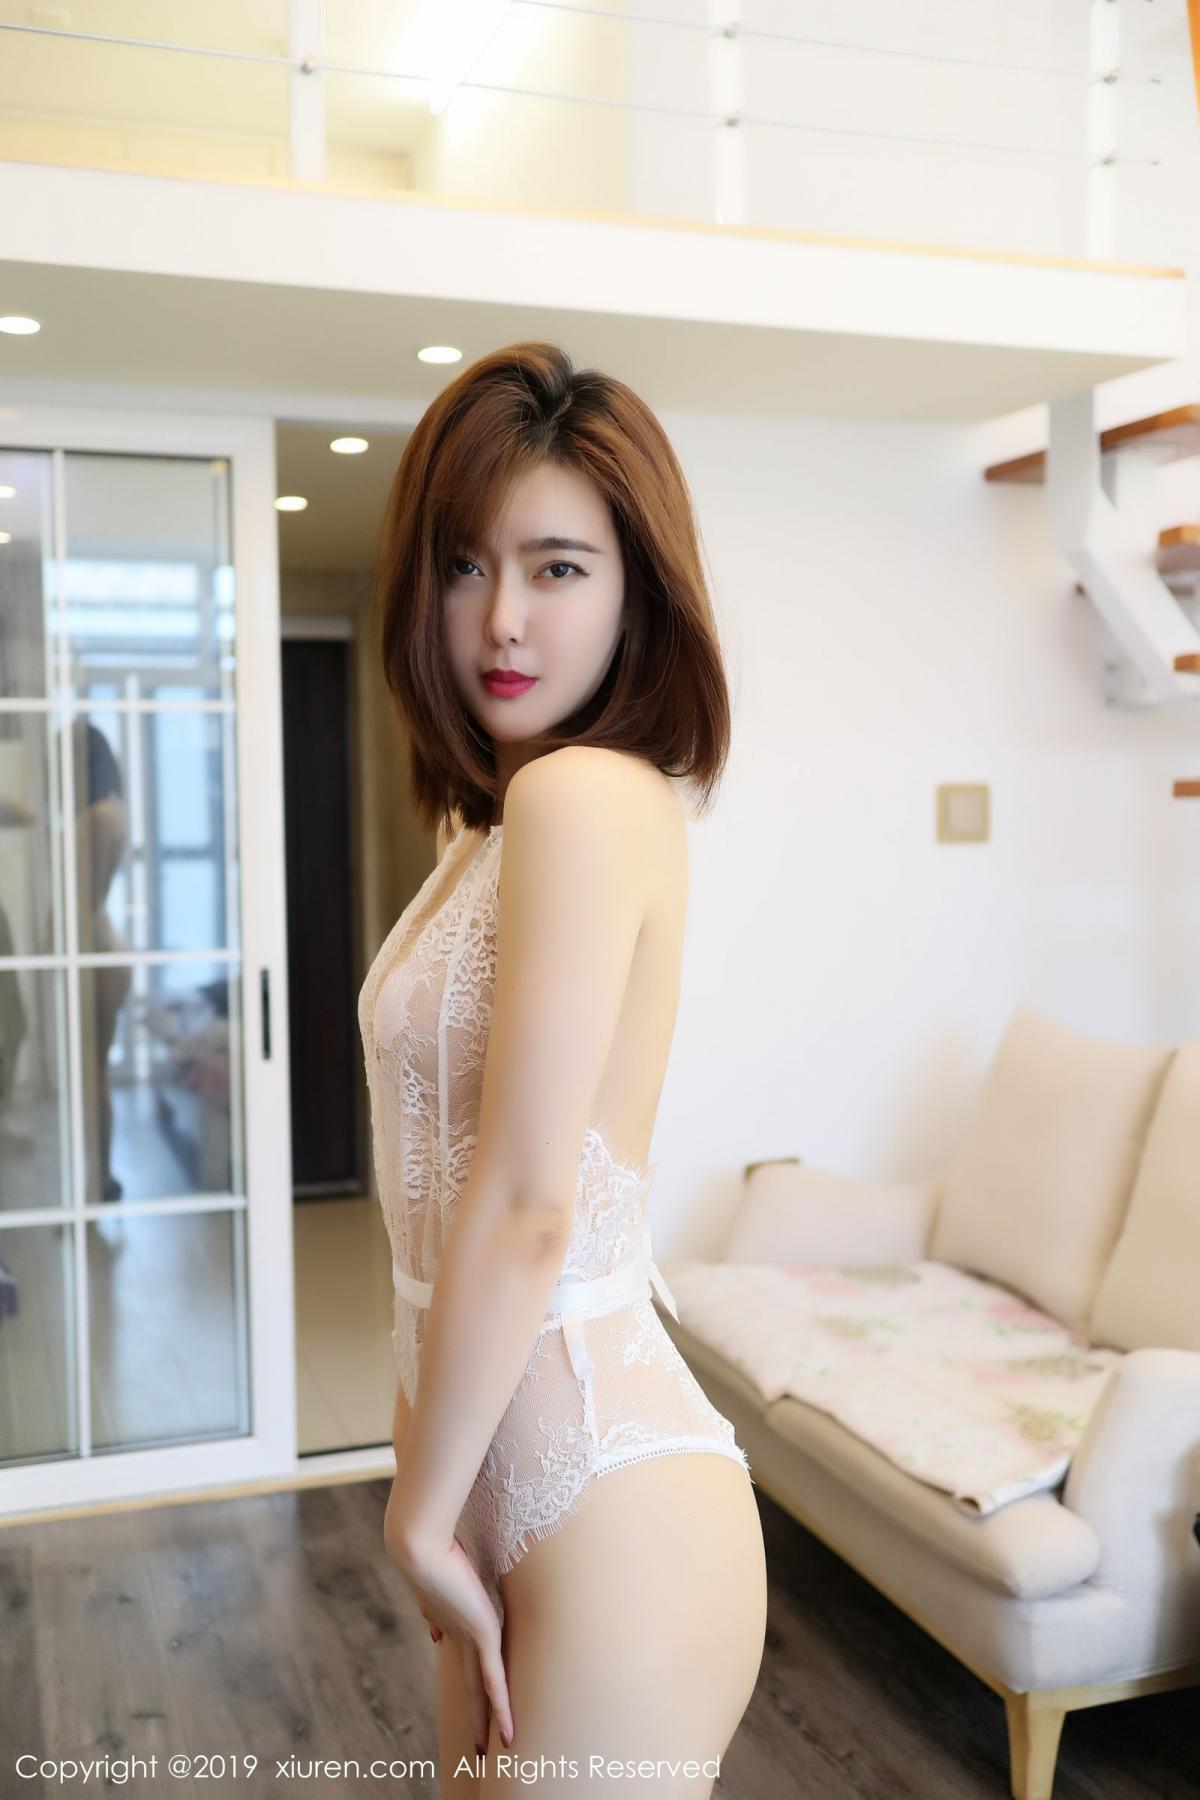 [XiuRen] Vol.1632 Yomi 13P, Underwear, Xiuren, Yomi